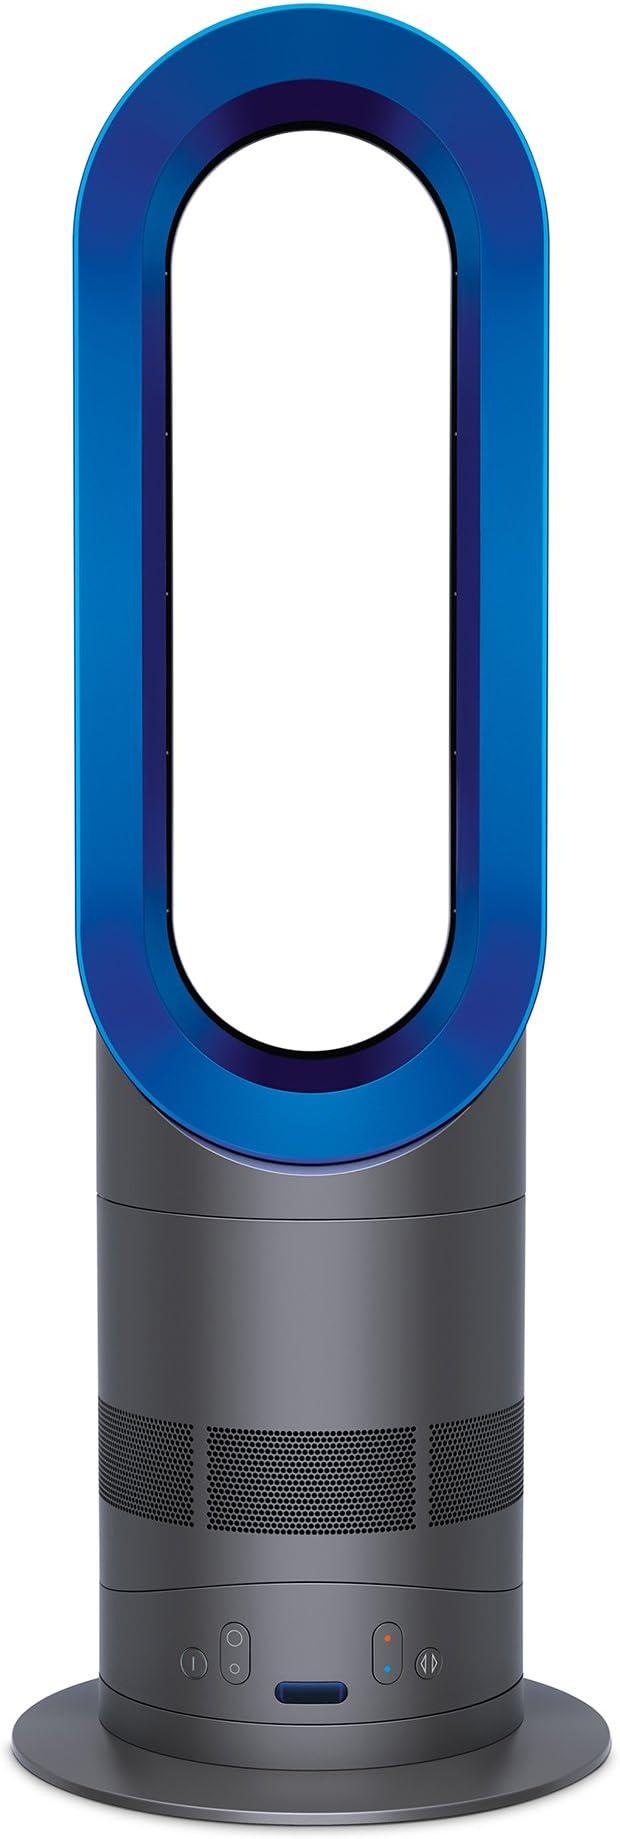 Dyson AM05 Hot + Cool Fan Heater, Blue